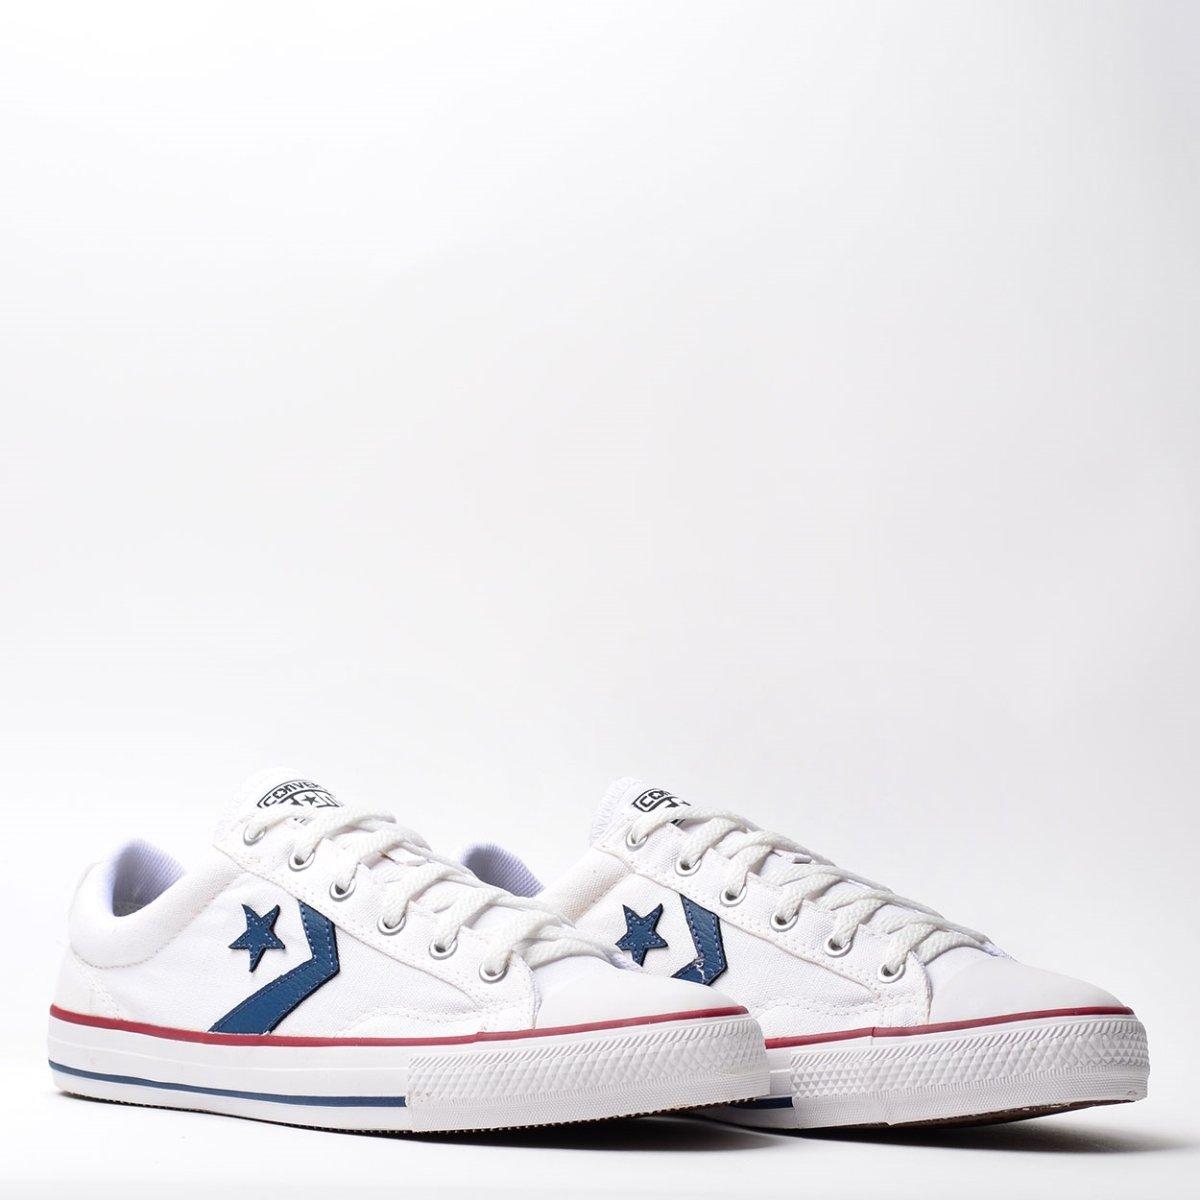 Vermelho Branco Tênis e CO0136 Converse Branco Star Player Vermelho xxAFC4B